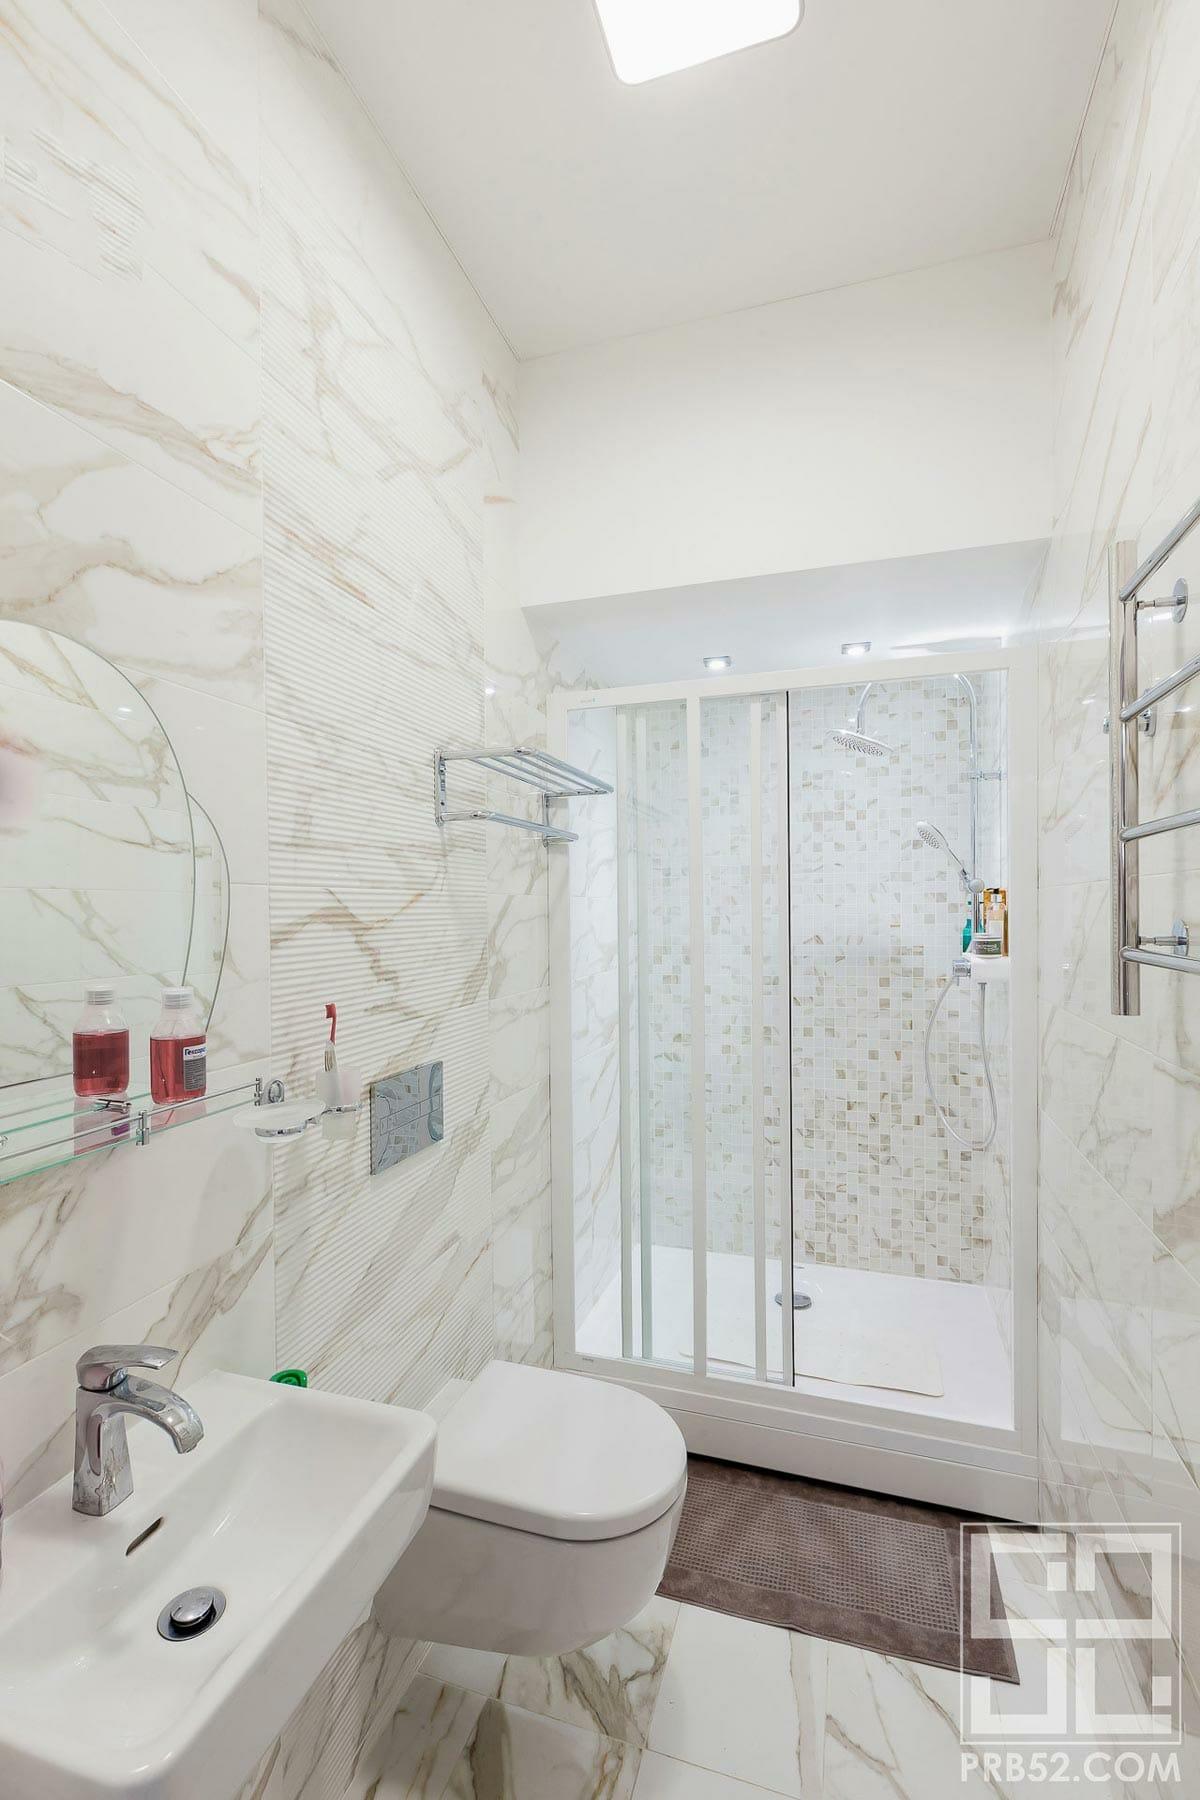 дизайн интерьера ванной комнаты с душевой фото